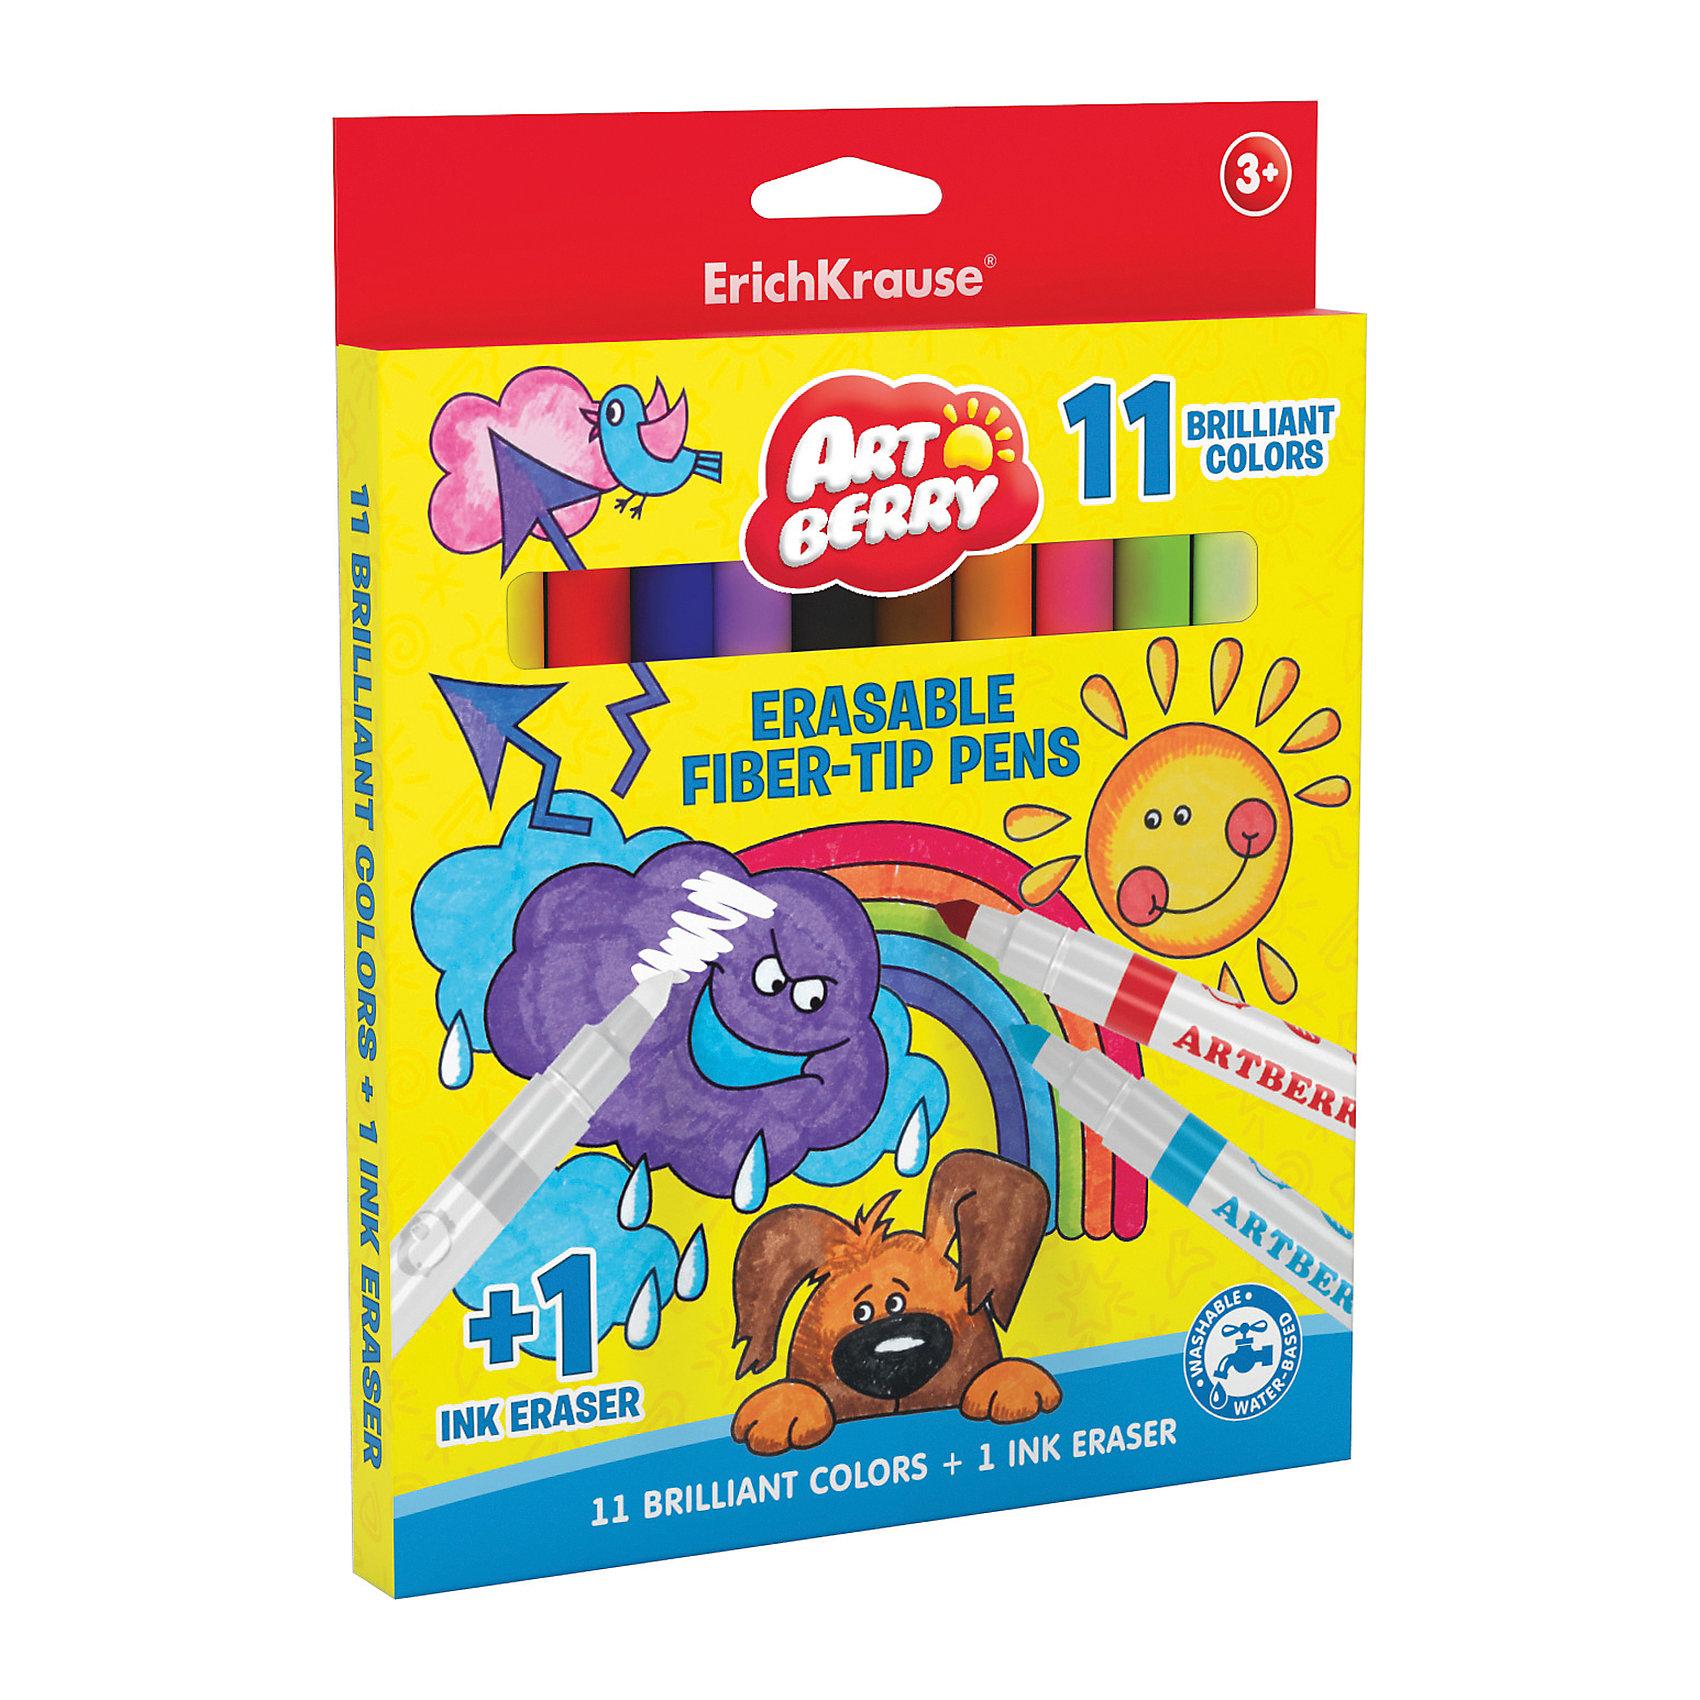 Фломастеры Рисуй-стирай 12 цв.Разве есть ребенок, который не любит рисовать яркими и удобными фломастерами? Фломастеры Рисуй-стирай Artberry разработаны специально для детей, осваивающих рисование. В наборе - 11 фломастеров разных цветов, здесь собраны основные оттенки, необходимые маленьким художникам. А также один фломастер поглотитель цвета, при помощи которого можно исправить иди дополнить рисунок. Рисование помогает детям развивать усидчивость, воображение, образное восприятие мира, а также мелкую моторику рук. <br>Фломастеры сделаны из безопасных для детей материалов (качественного пластика). Удобная форма помогает крепко держать их даже маленькой рукой. Картонная упаковка  поможет хранить фломастеры и не терять их. Вентилируемый колпачок обеспечит безопасное использование фломастеров.<br><br>Дополнительная информация:<br><br>комплектация: 12 шт;<br>удобная упаковка;<br>размер: 18 ? 1,7 ? 23 см;<br>яркие цвета;<br>смываются водой;<br>вентилируемый колпачок.<br><br>Фломастеры Рисуй-стирай 12 цв. можно купить в нашем магазине.<br><br>Ширина мм: 180<br>Глубина мм: 17<br>Высота мм: 230<br>Вес г: 173<br>Возраст от месяцев: 36<br>Возраст до месяцев: 204<br>Пол: Унисекс<br>Возраст: Детский<br>SKU: 4682077